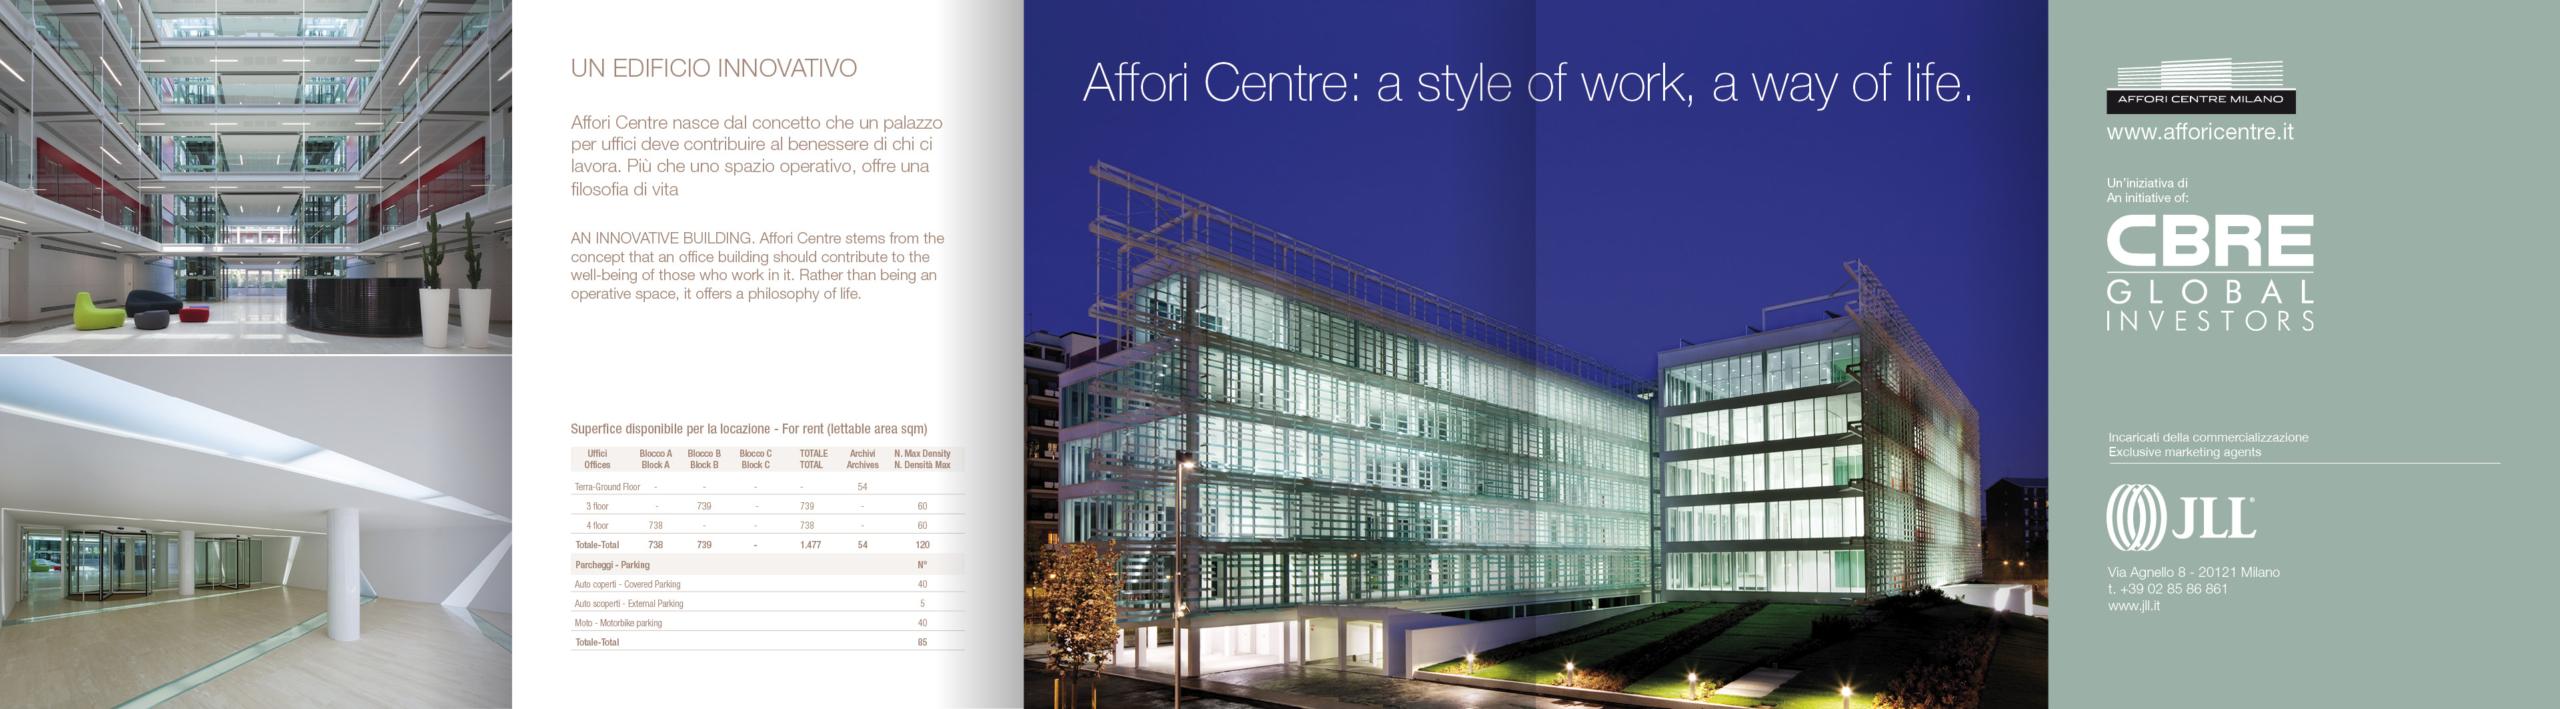 CBRE - Affori Center